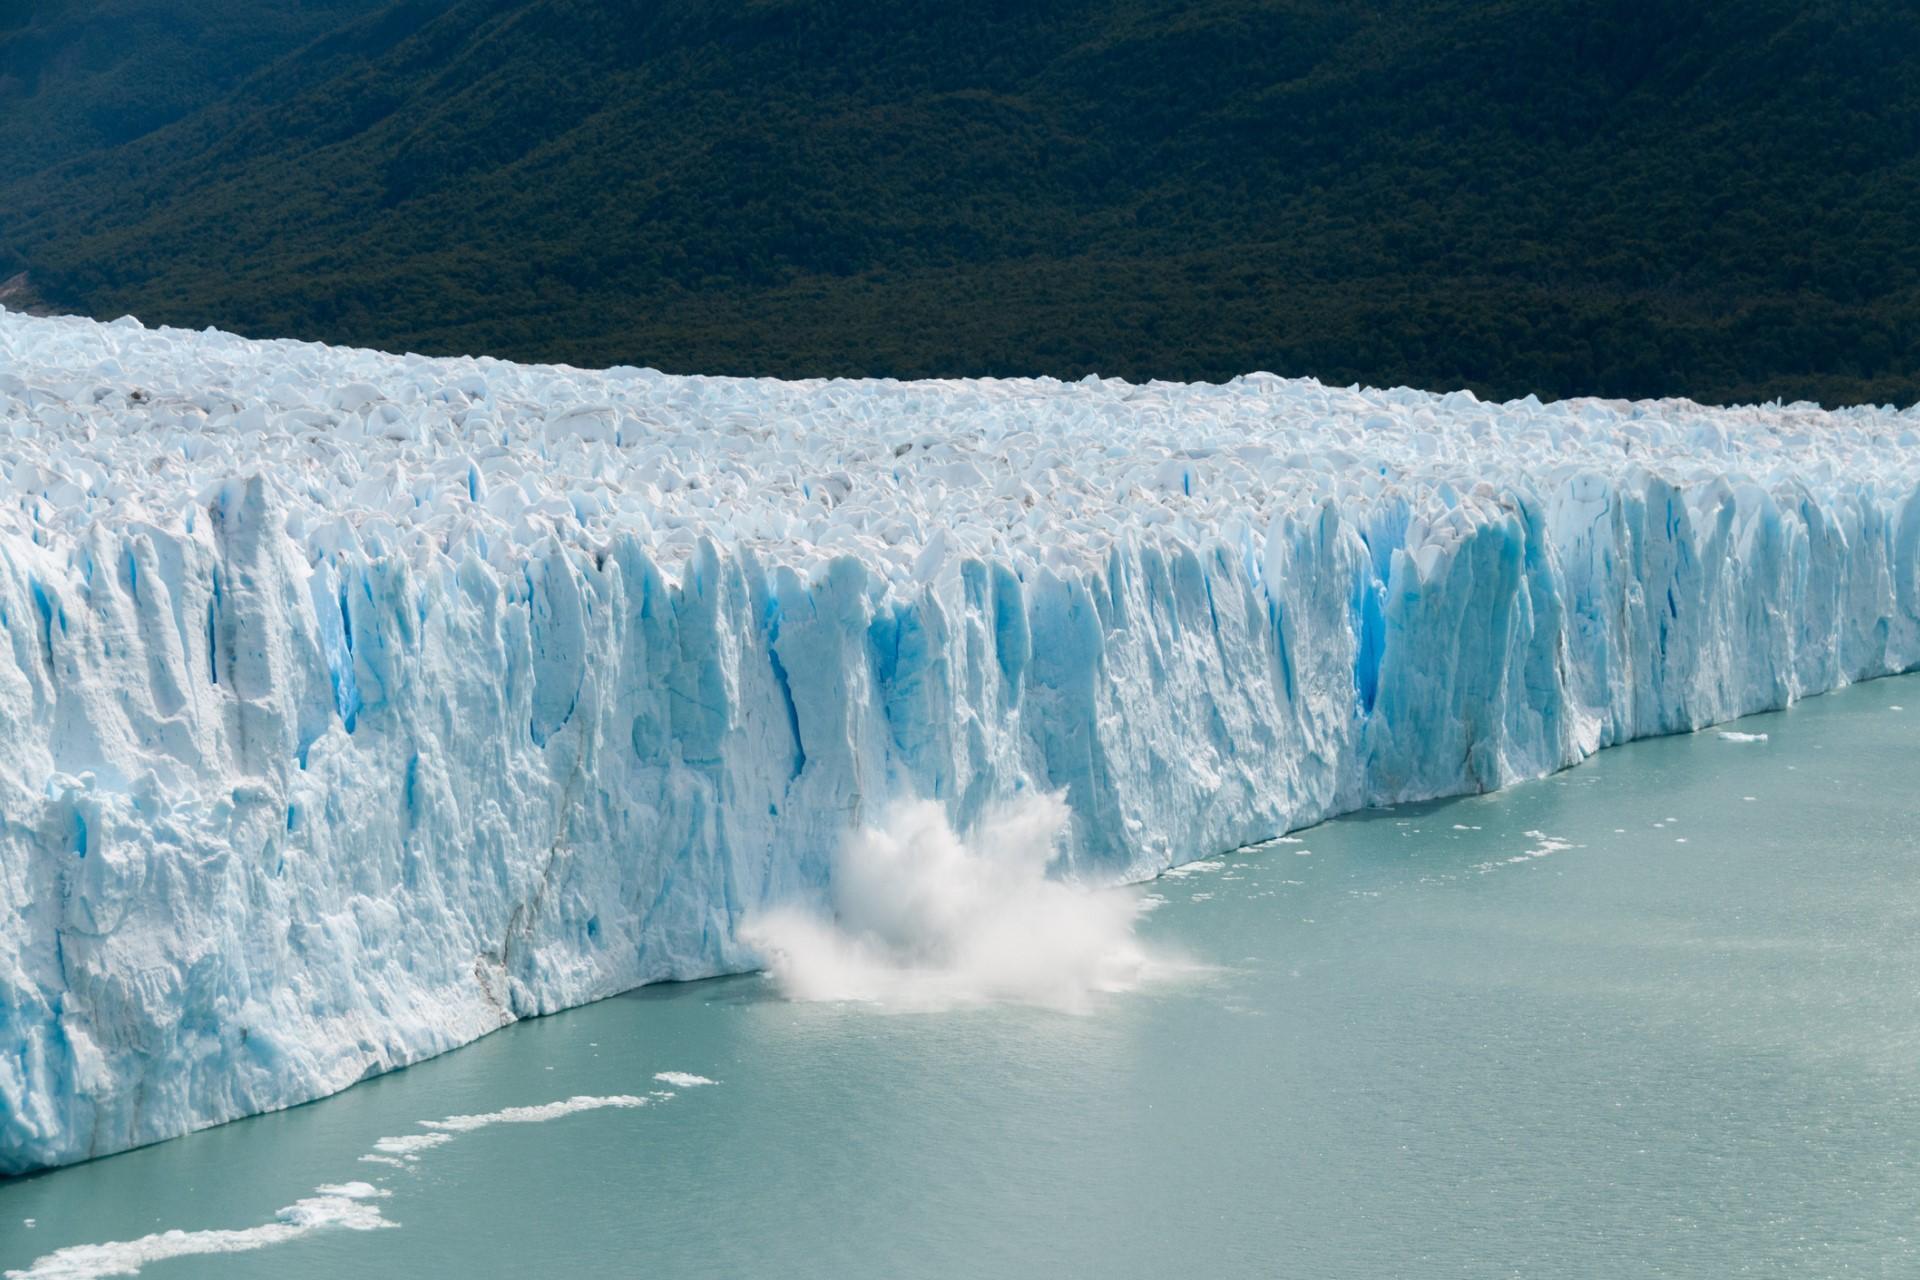 An glacier melting.